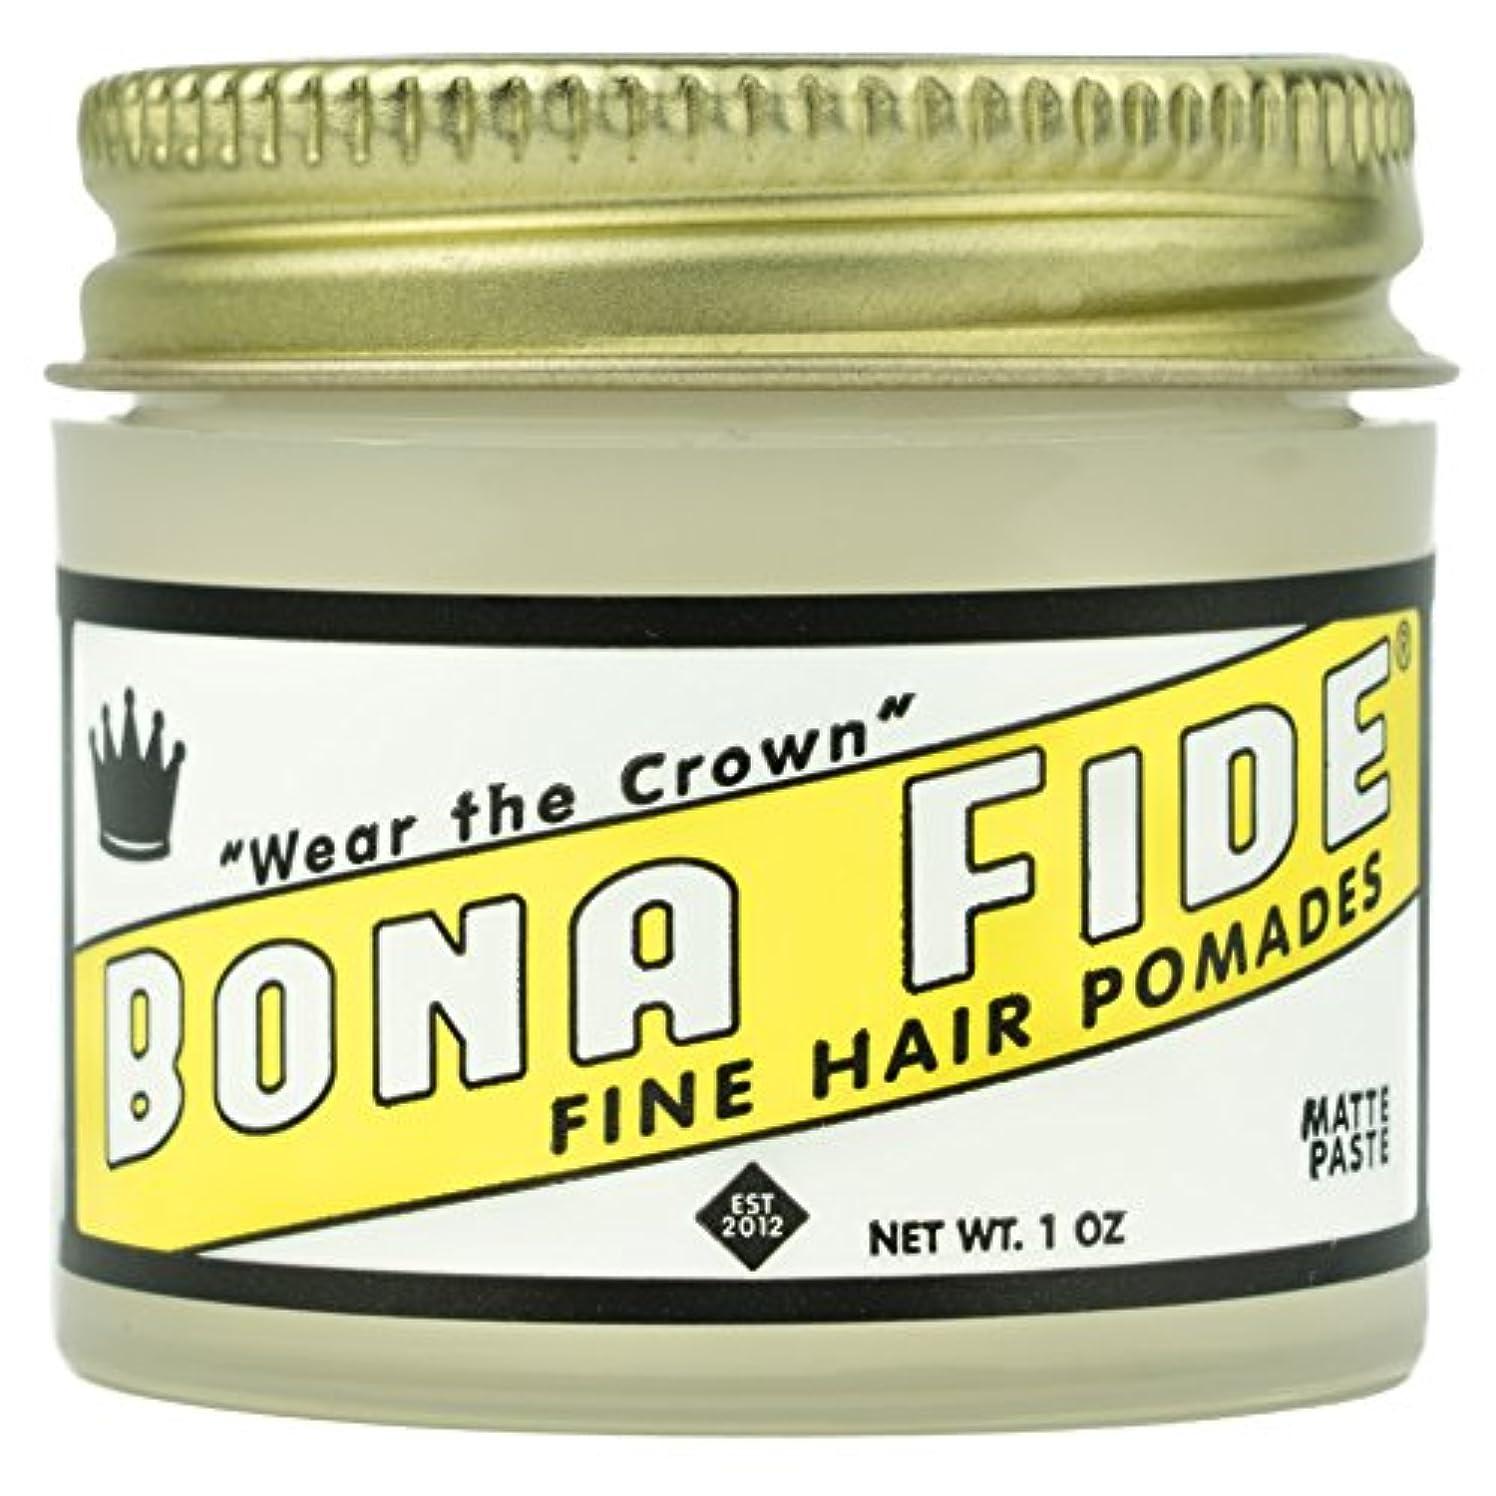 シンカンカーペットドリンクBona Fide Pomade, マットペースト 1oz (28g) / トラベルサイズ,水性/グリース